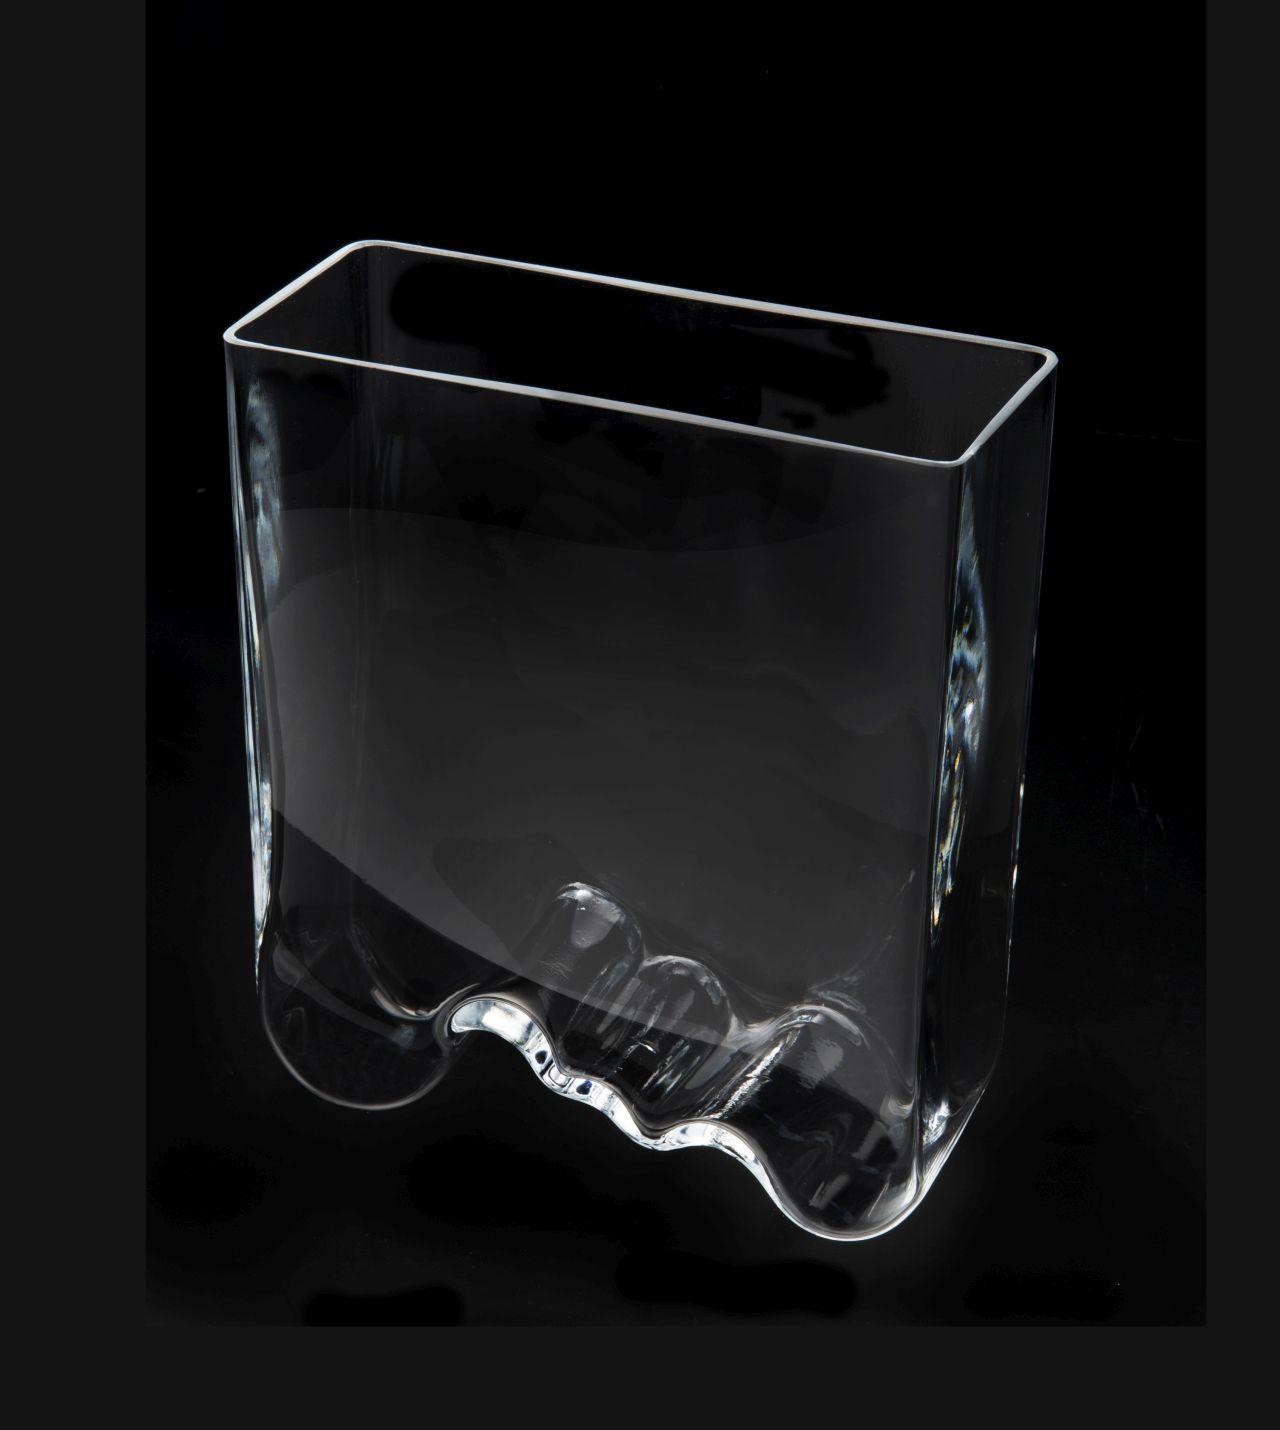 AQUAEL AquaDecoris Vague 20 x 8 x 25 cm 3,5L nano-aquarium pour crevettes, Betta et petits poissons